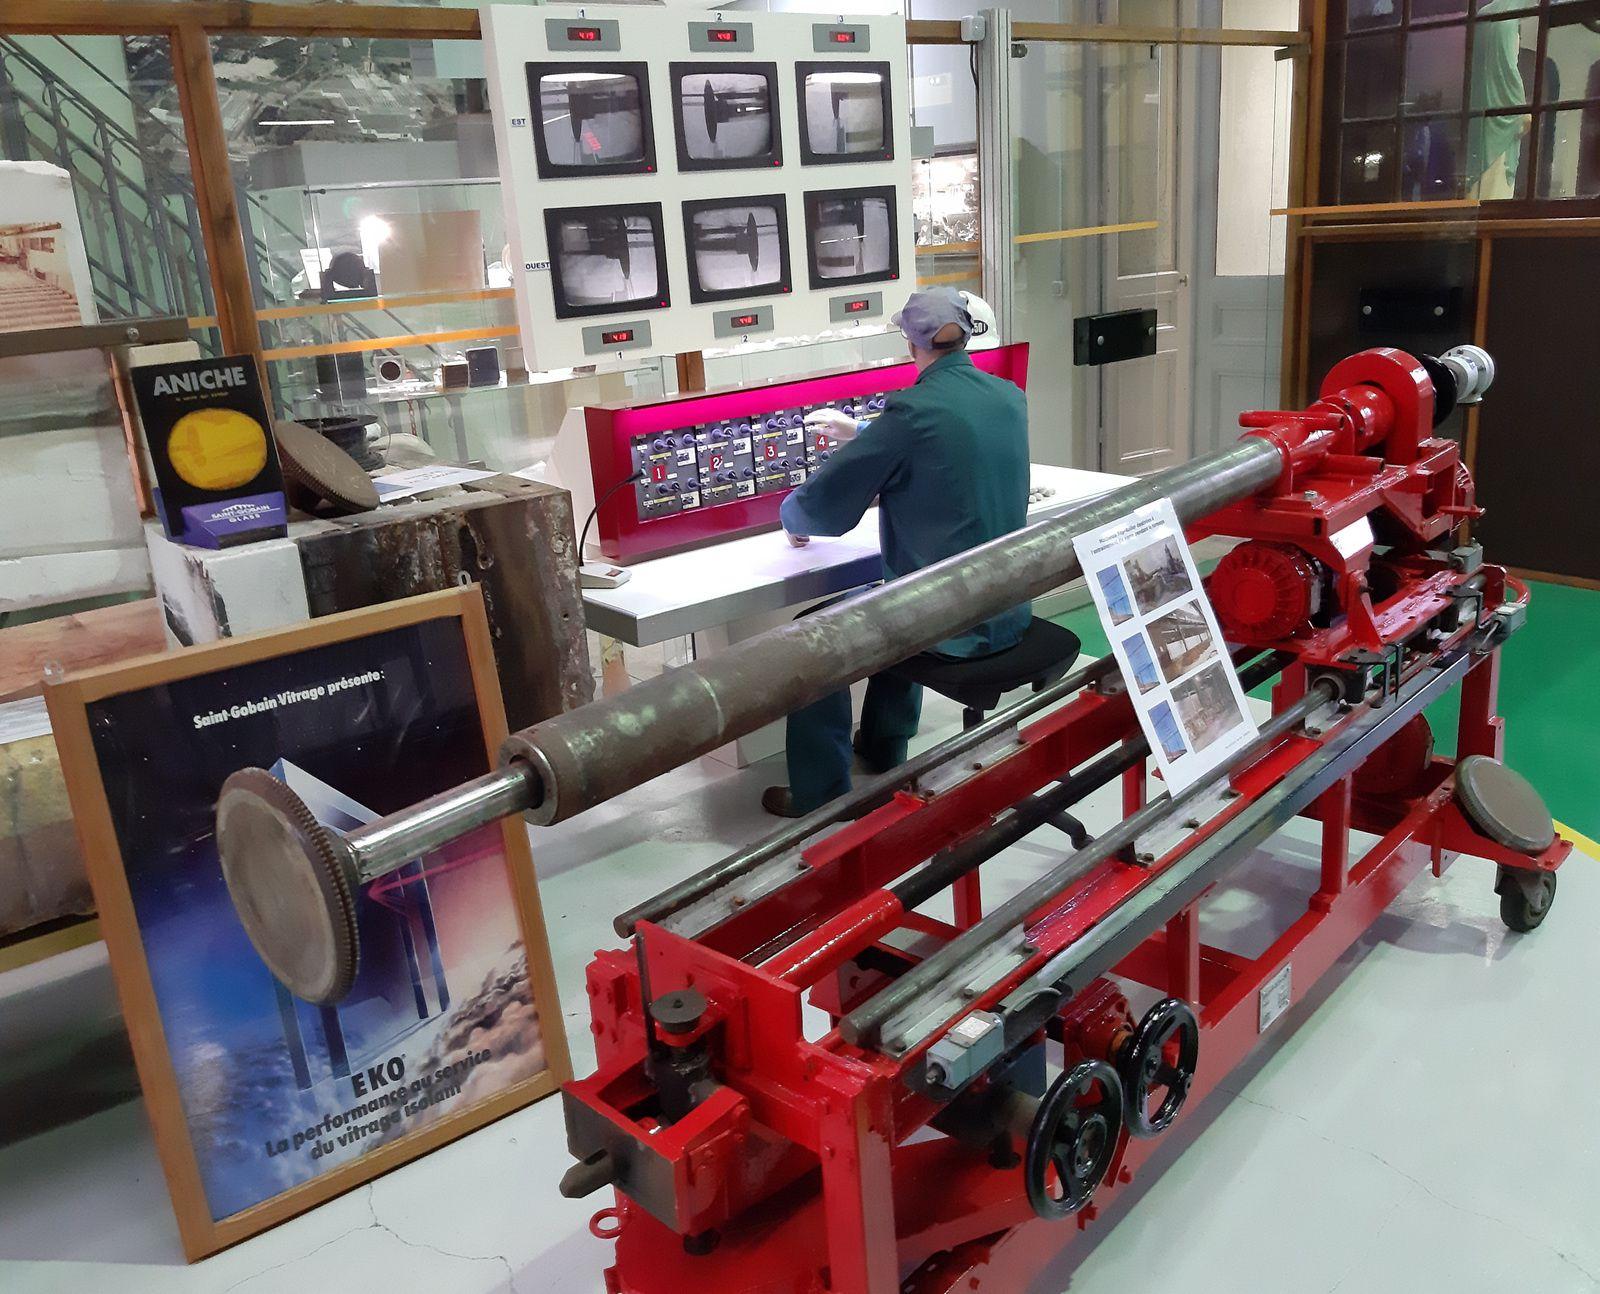 Notre collègue et ami Michel Bayard a terminé la reconstitution d'un poste de travail , avec machine Top Roller, de 1977. A voir tous les mercredis après-midi au Centre de Mémoire de la Verrerie d'en Haut à Aniche. BRAVO Michel !